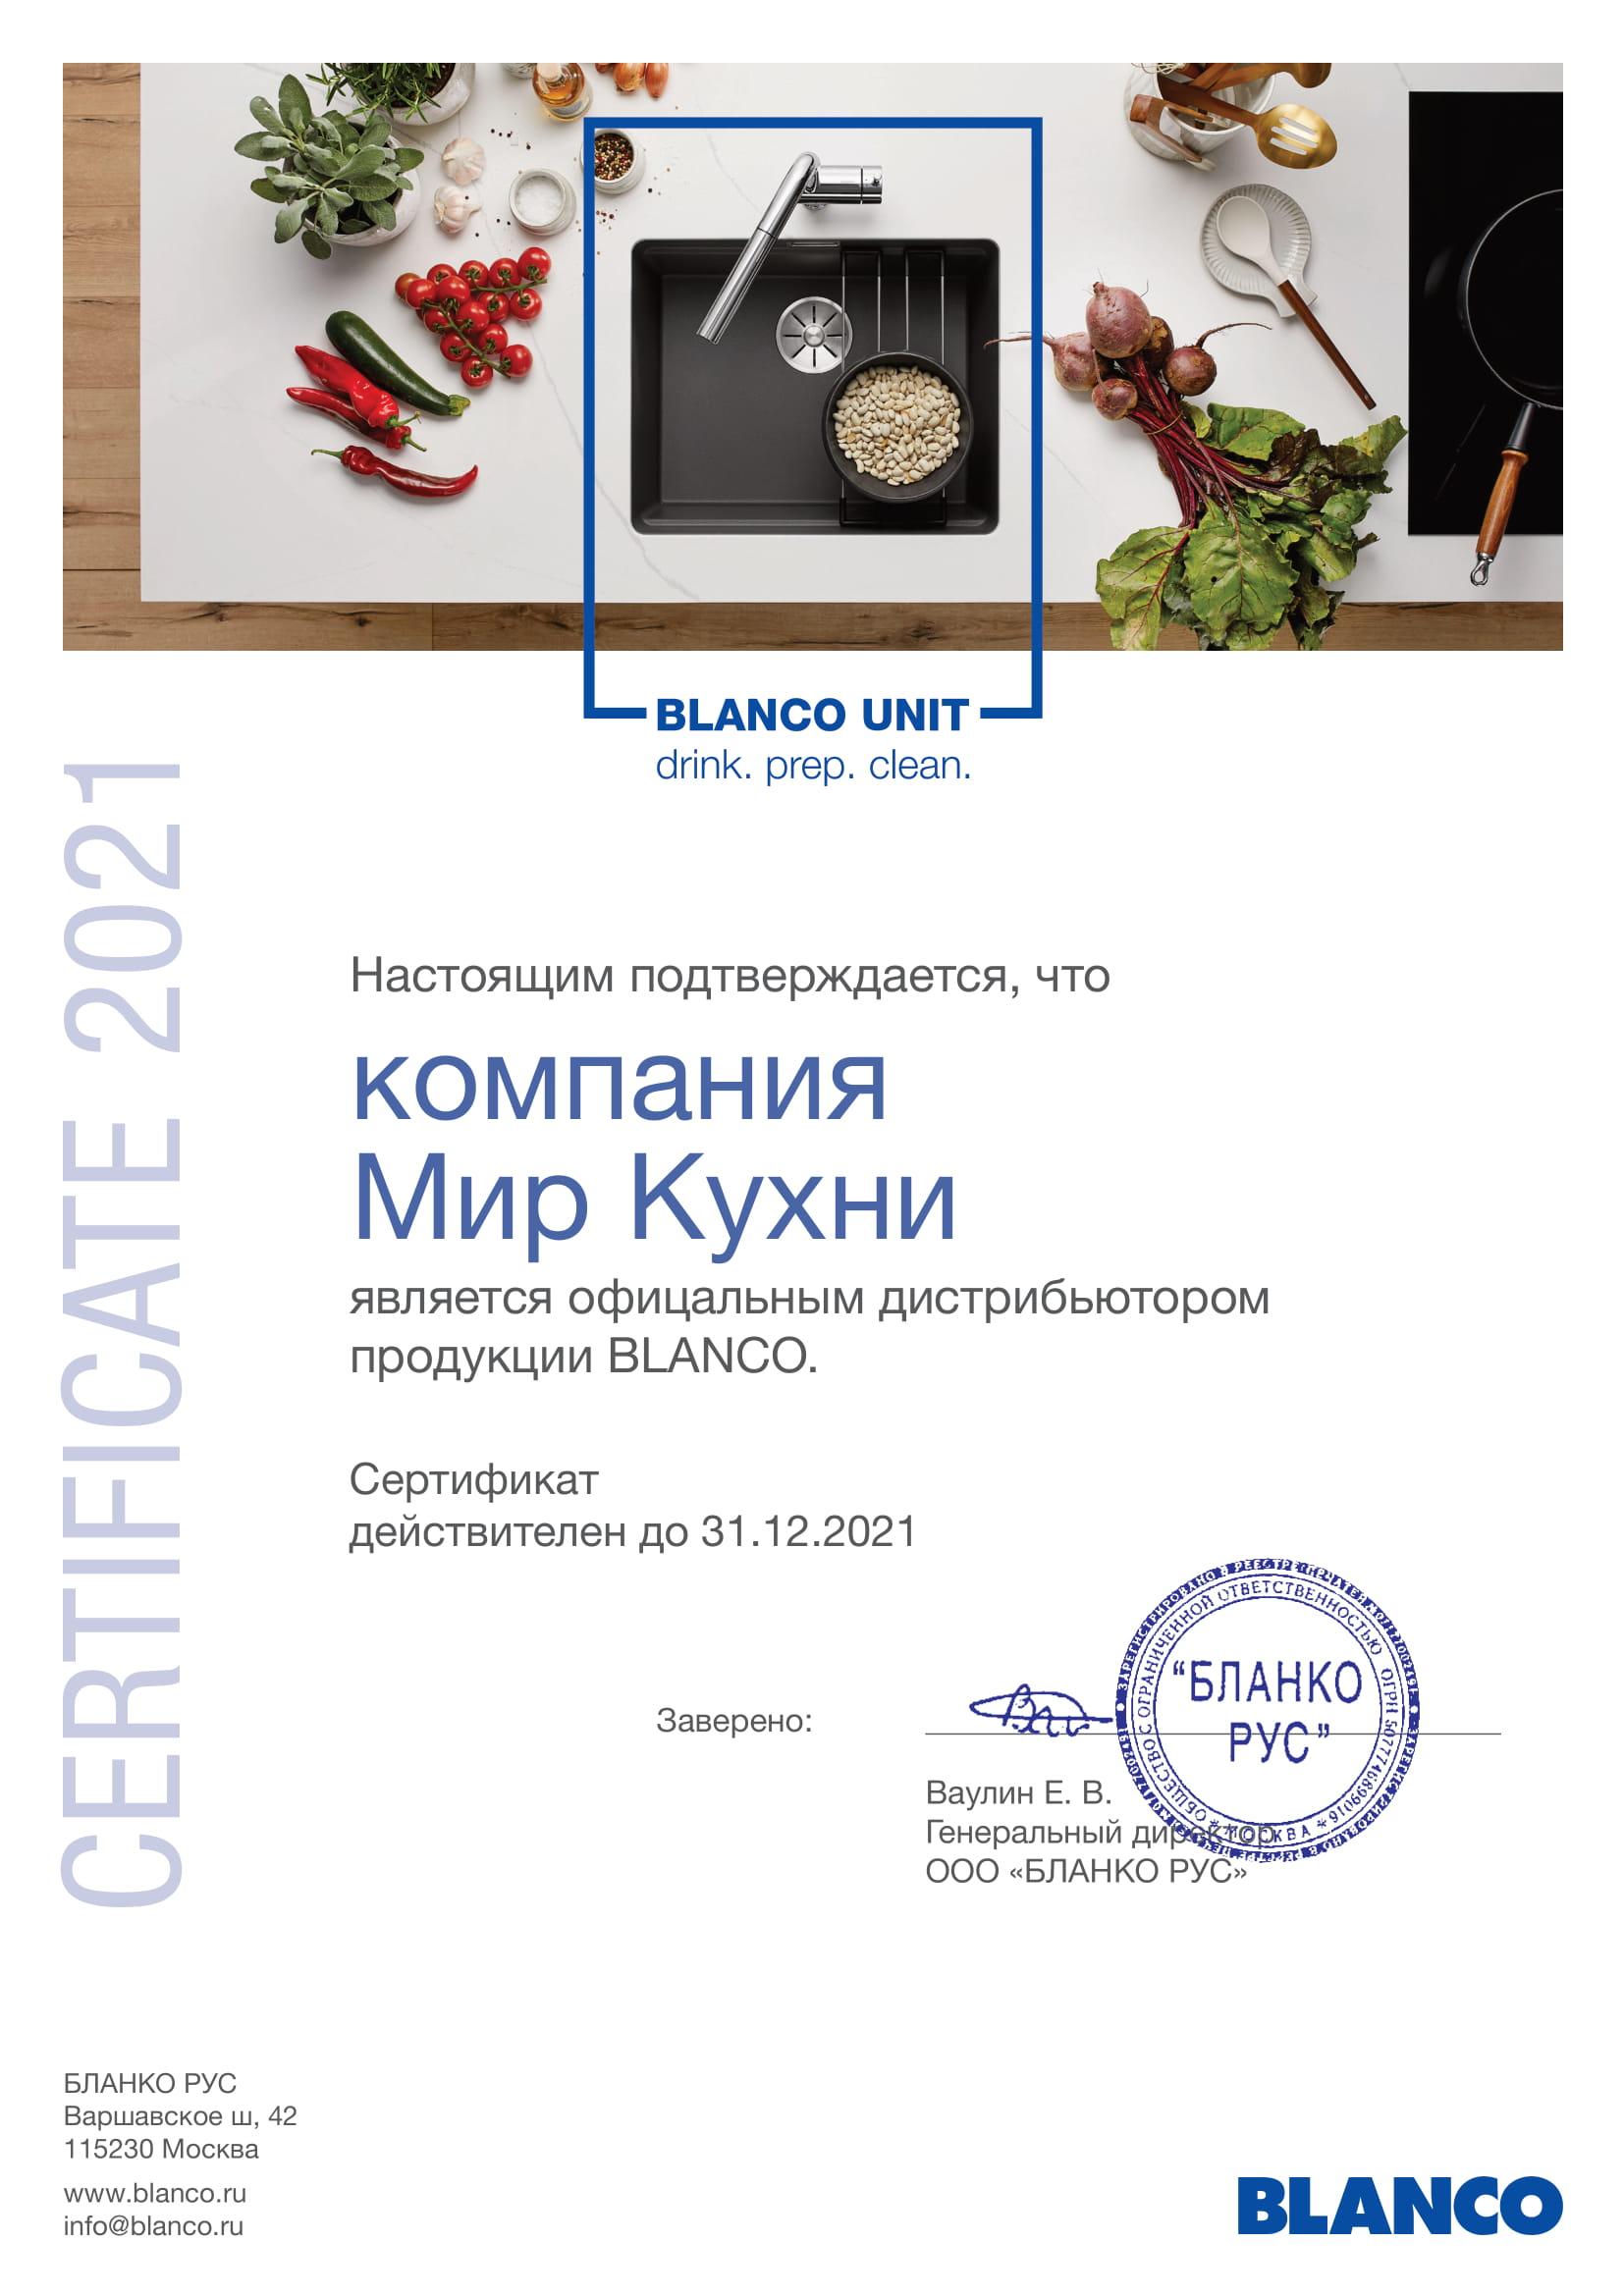 Мир кухни Blanco Certificate 2021